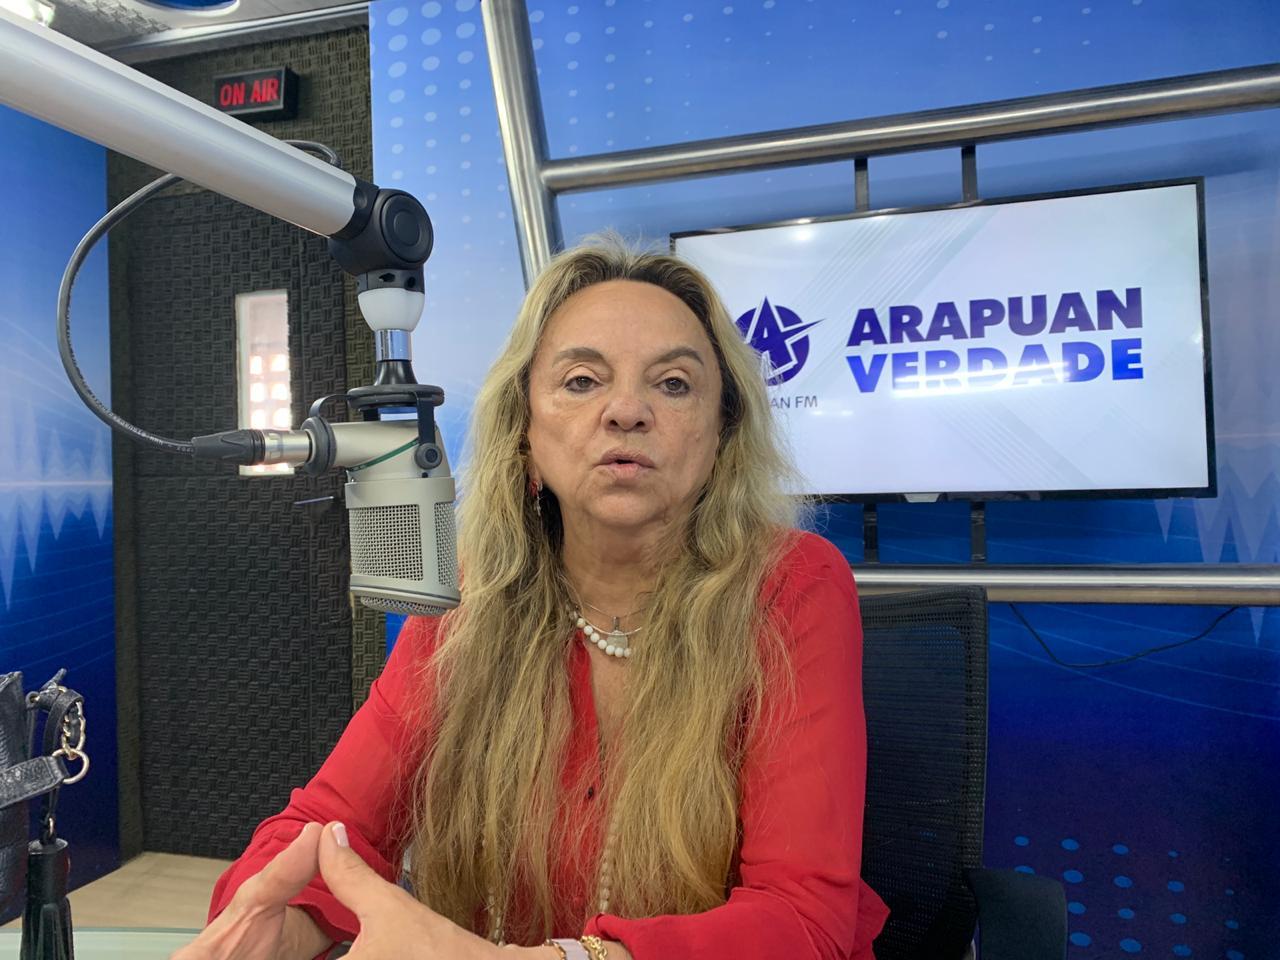 paula francinete deputada - DECIDIDA: Paula Francinete afirma que disputará prefeitura de S. José de Piranhas em 2020